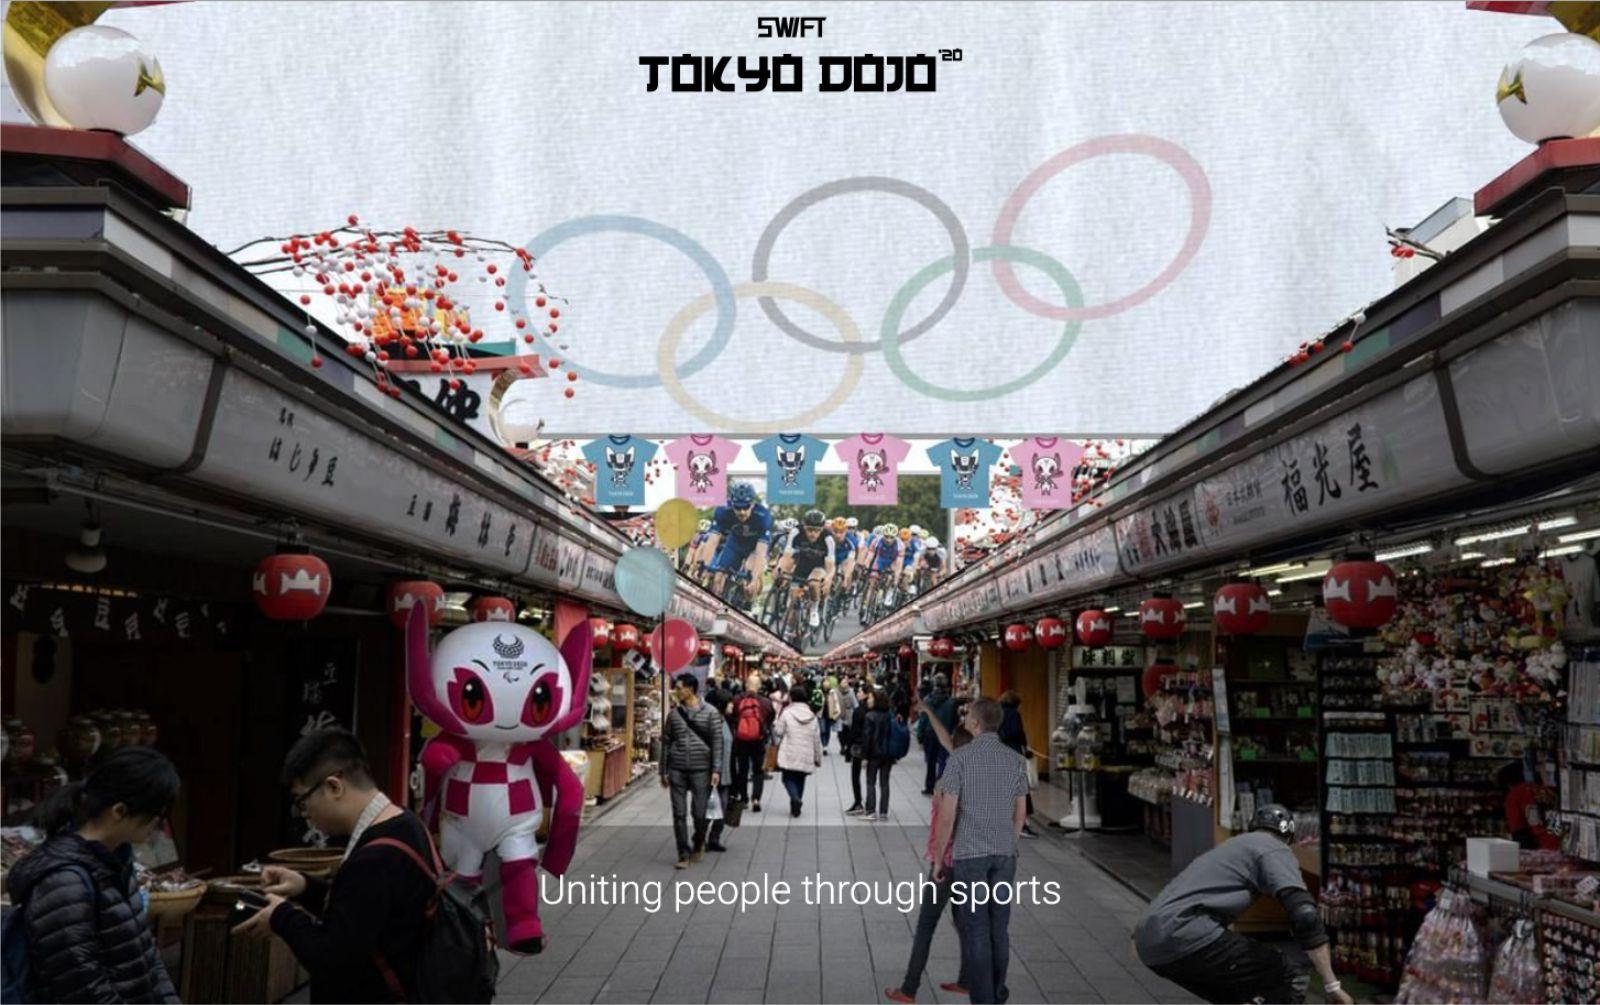 Tokyo Dojo